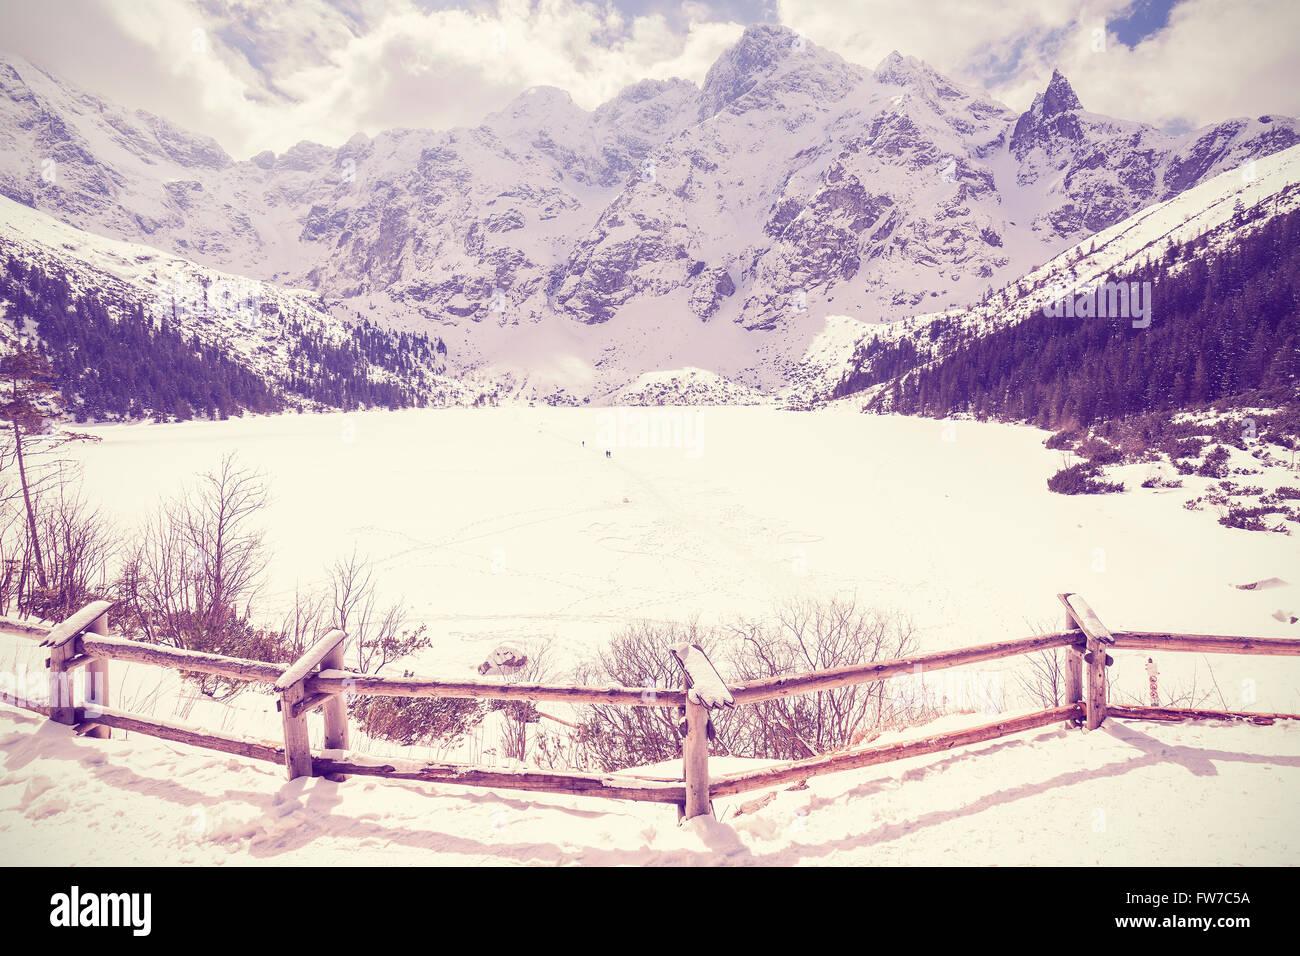 Vintage stilizzata lago ghiacciato Morskie Oko nei monti Tatra, più famoso lago di montagna in Polonia. Immagini Stock